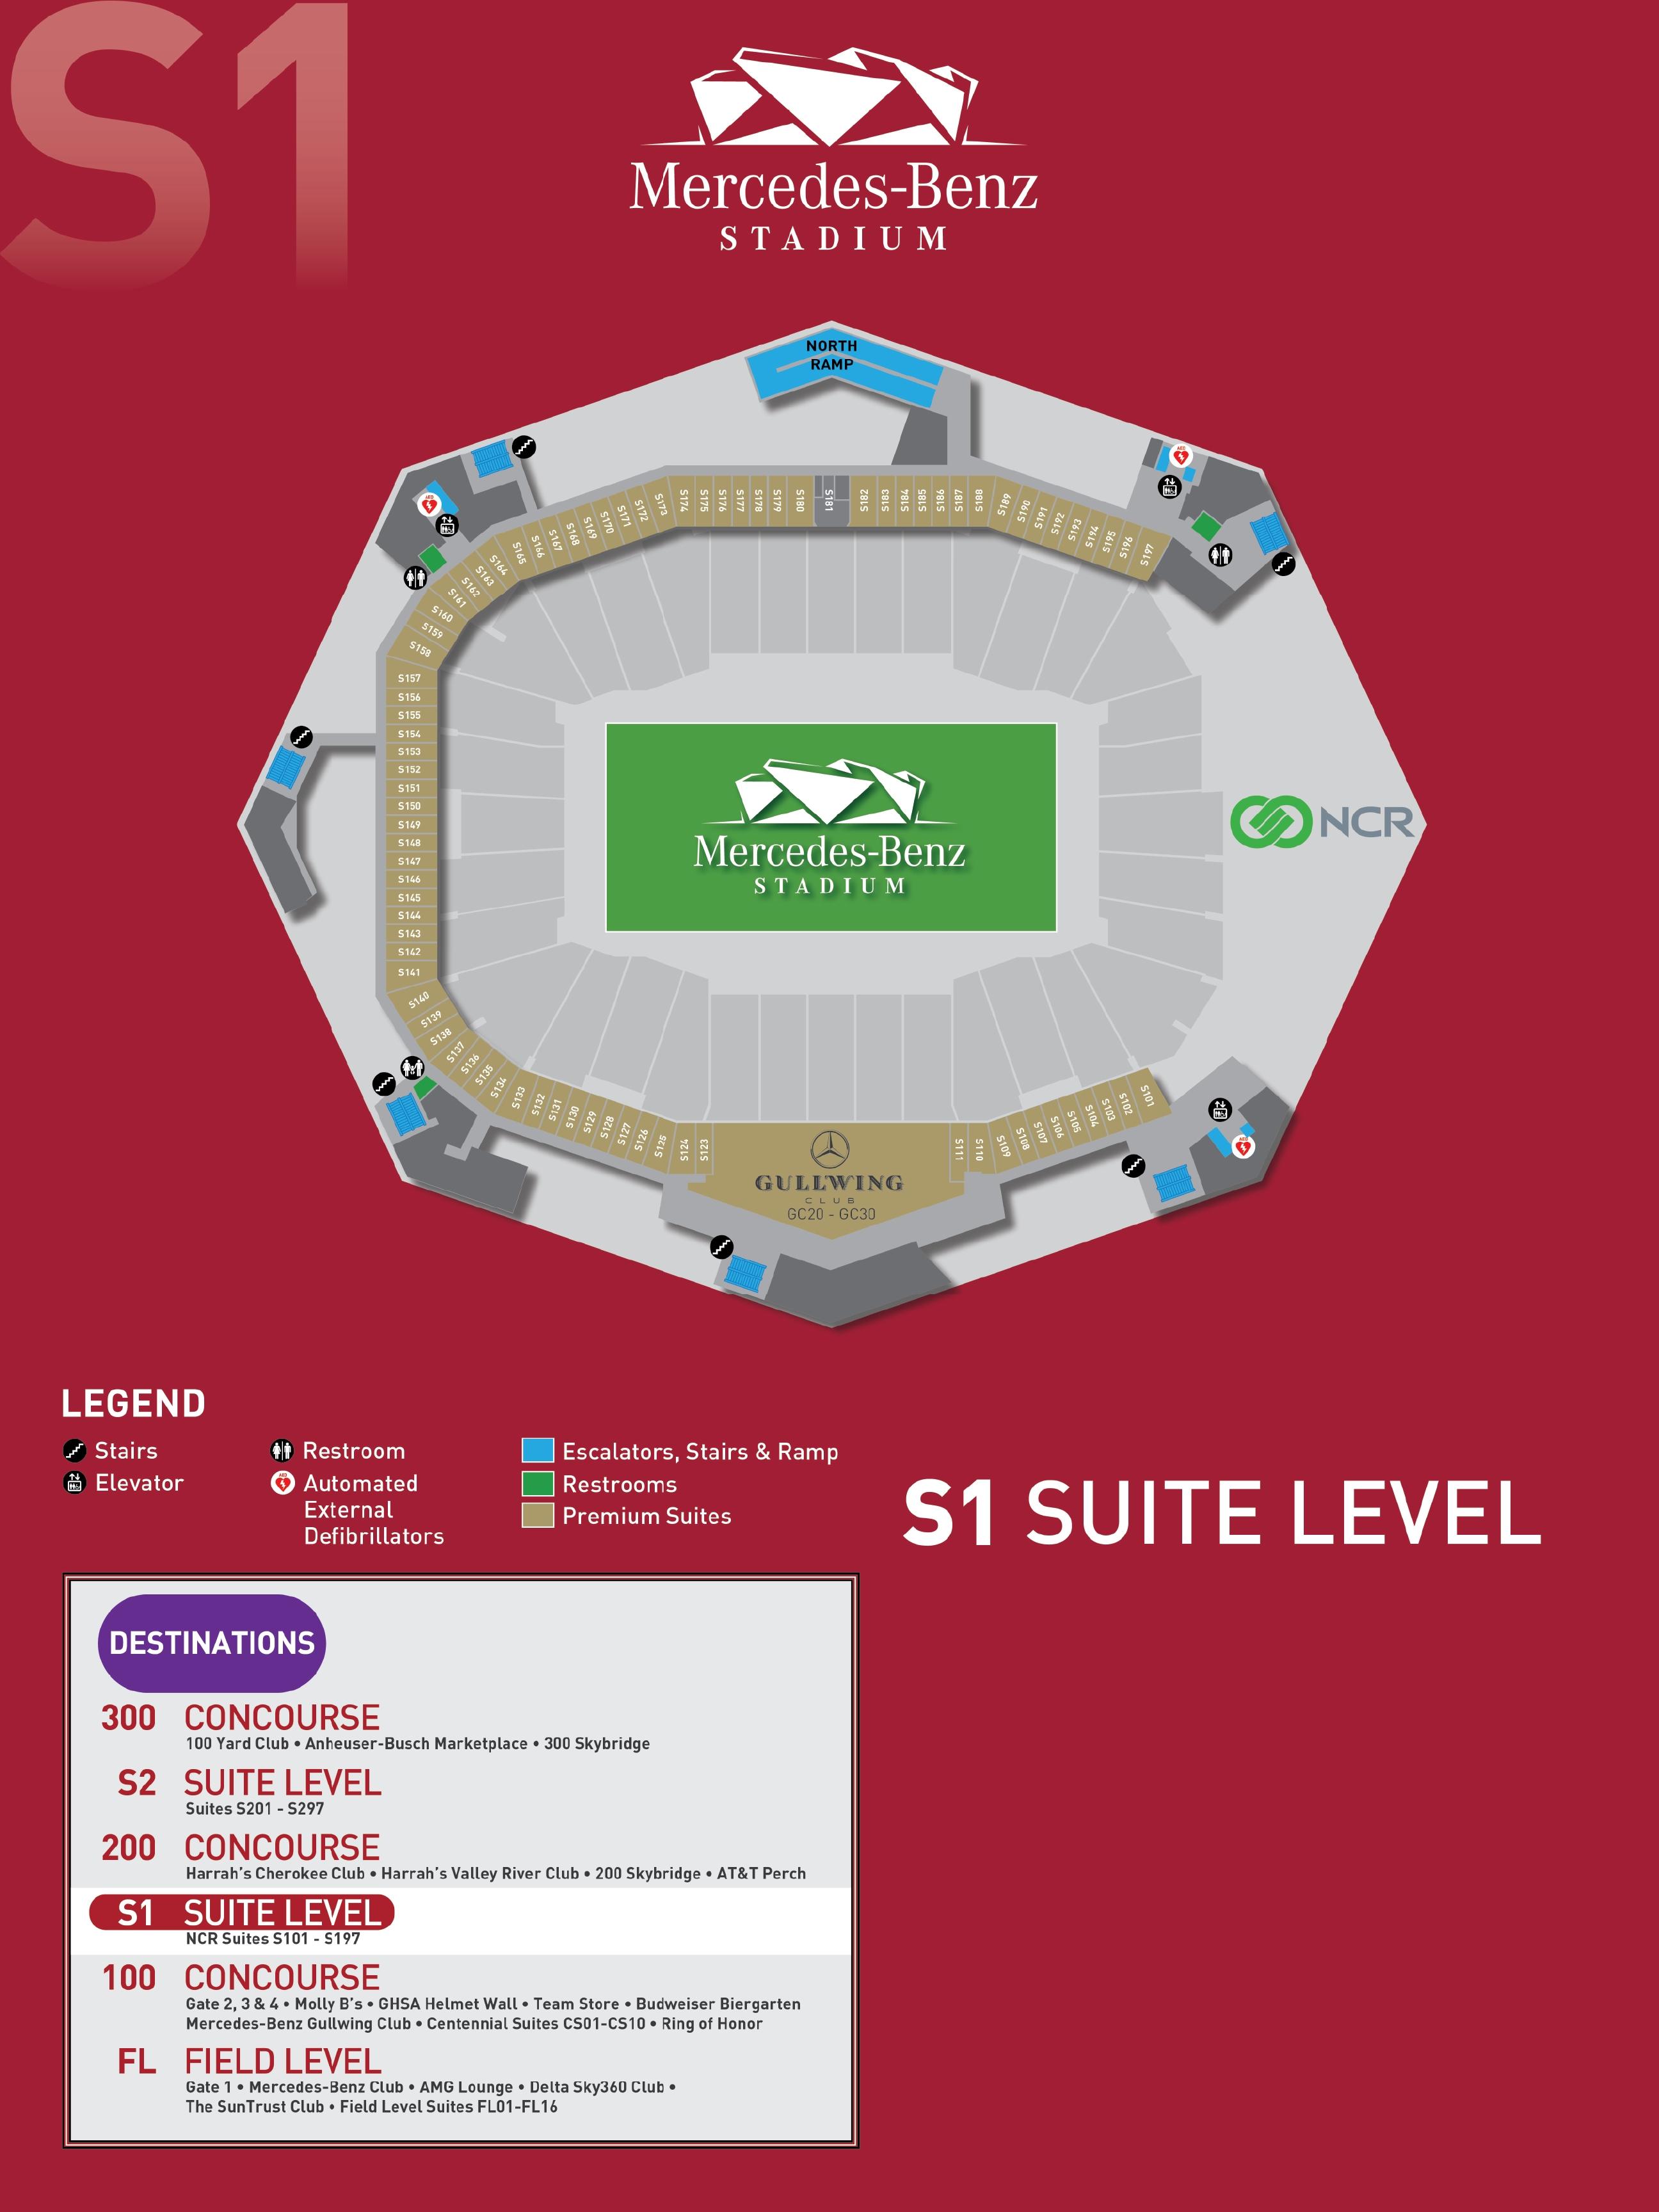 Stadium Maps - Mercedes Benz Stadium pertaining to Atlanta Super Bowl Stadium Map